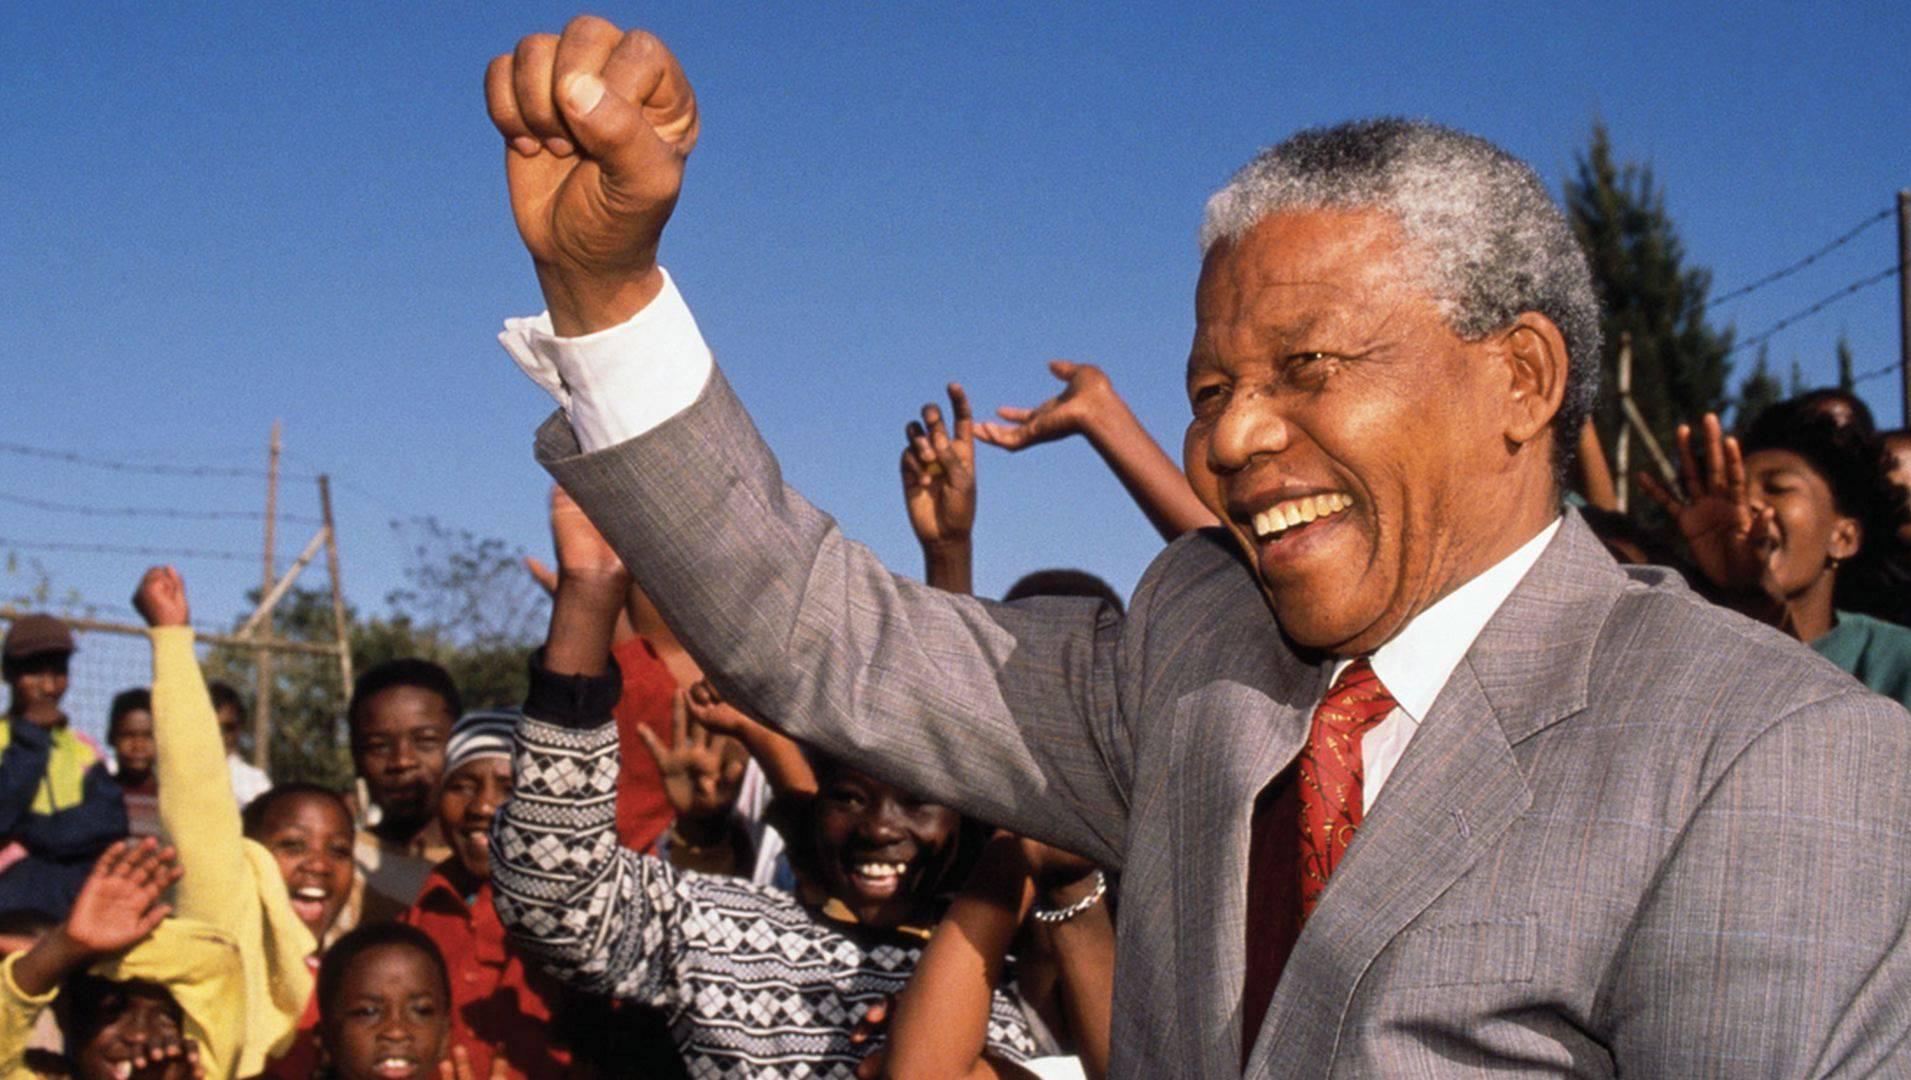 Nelson Mandela Presidente Sudafrica apartheid